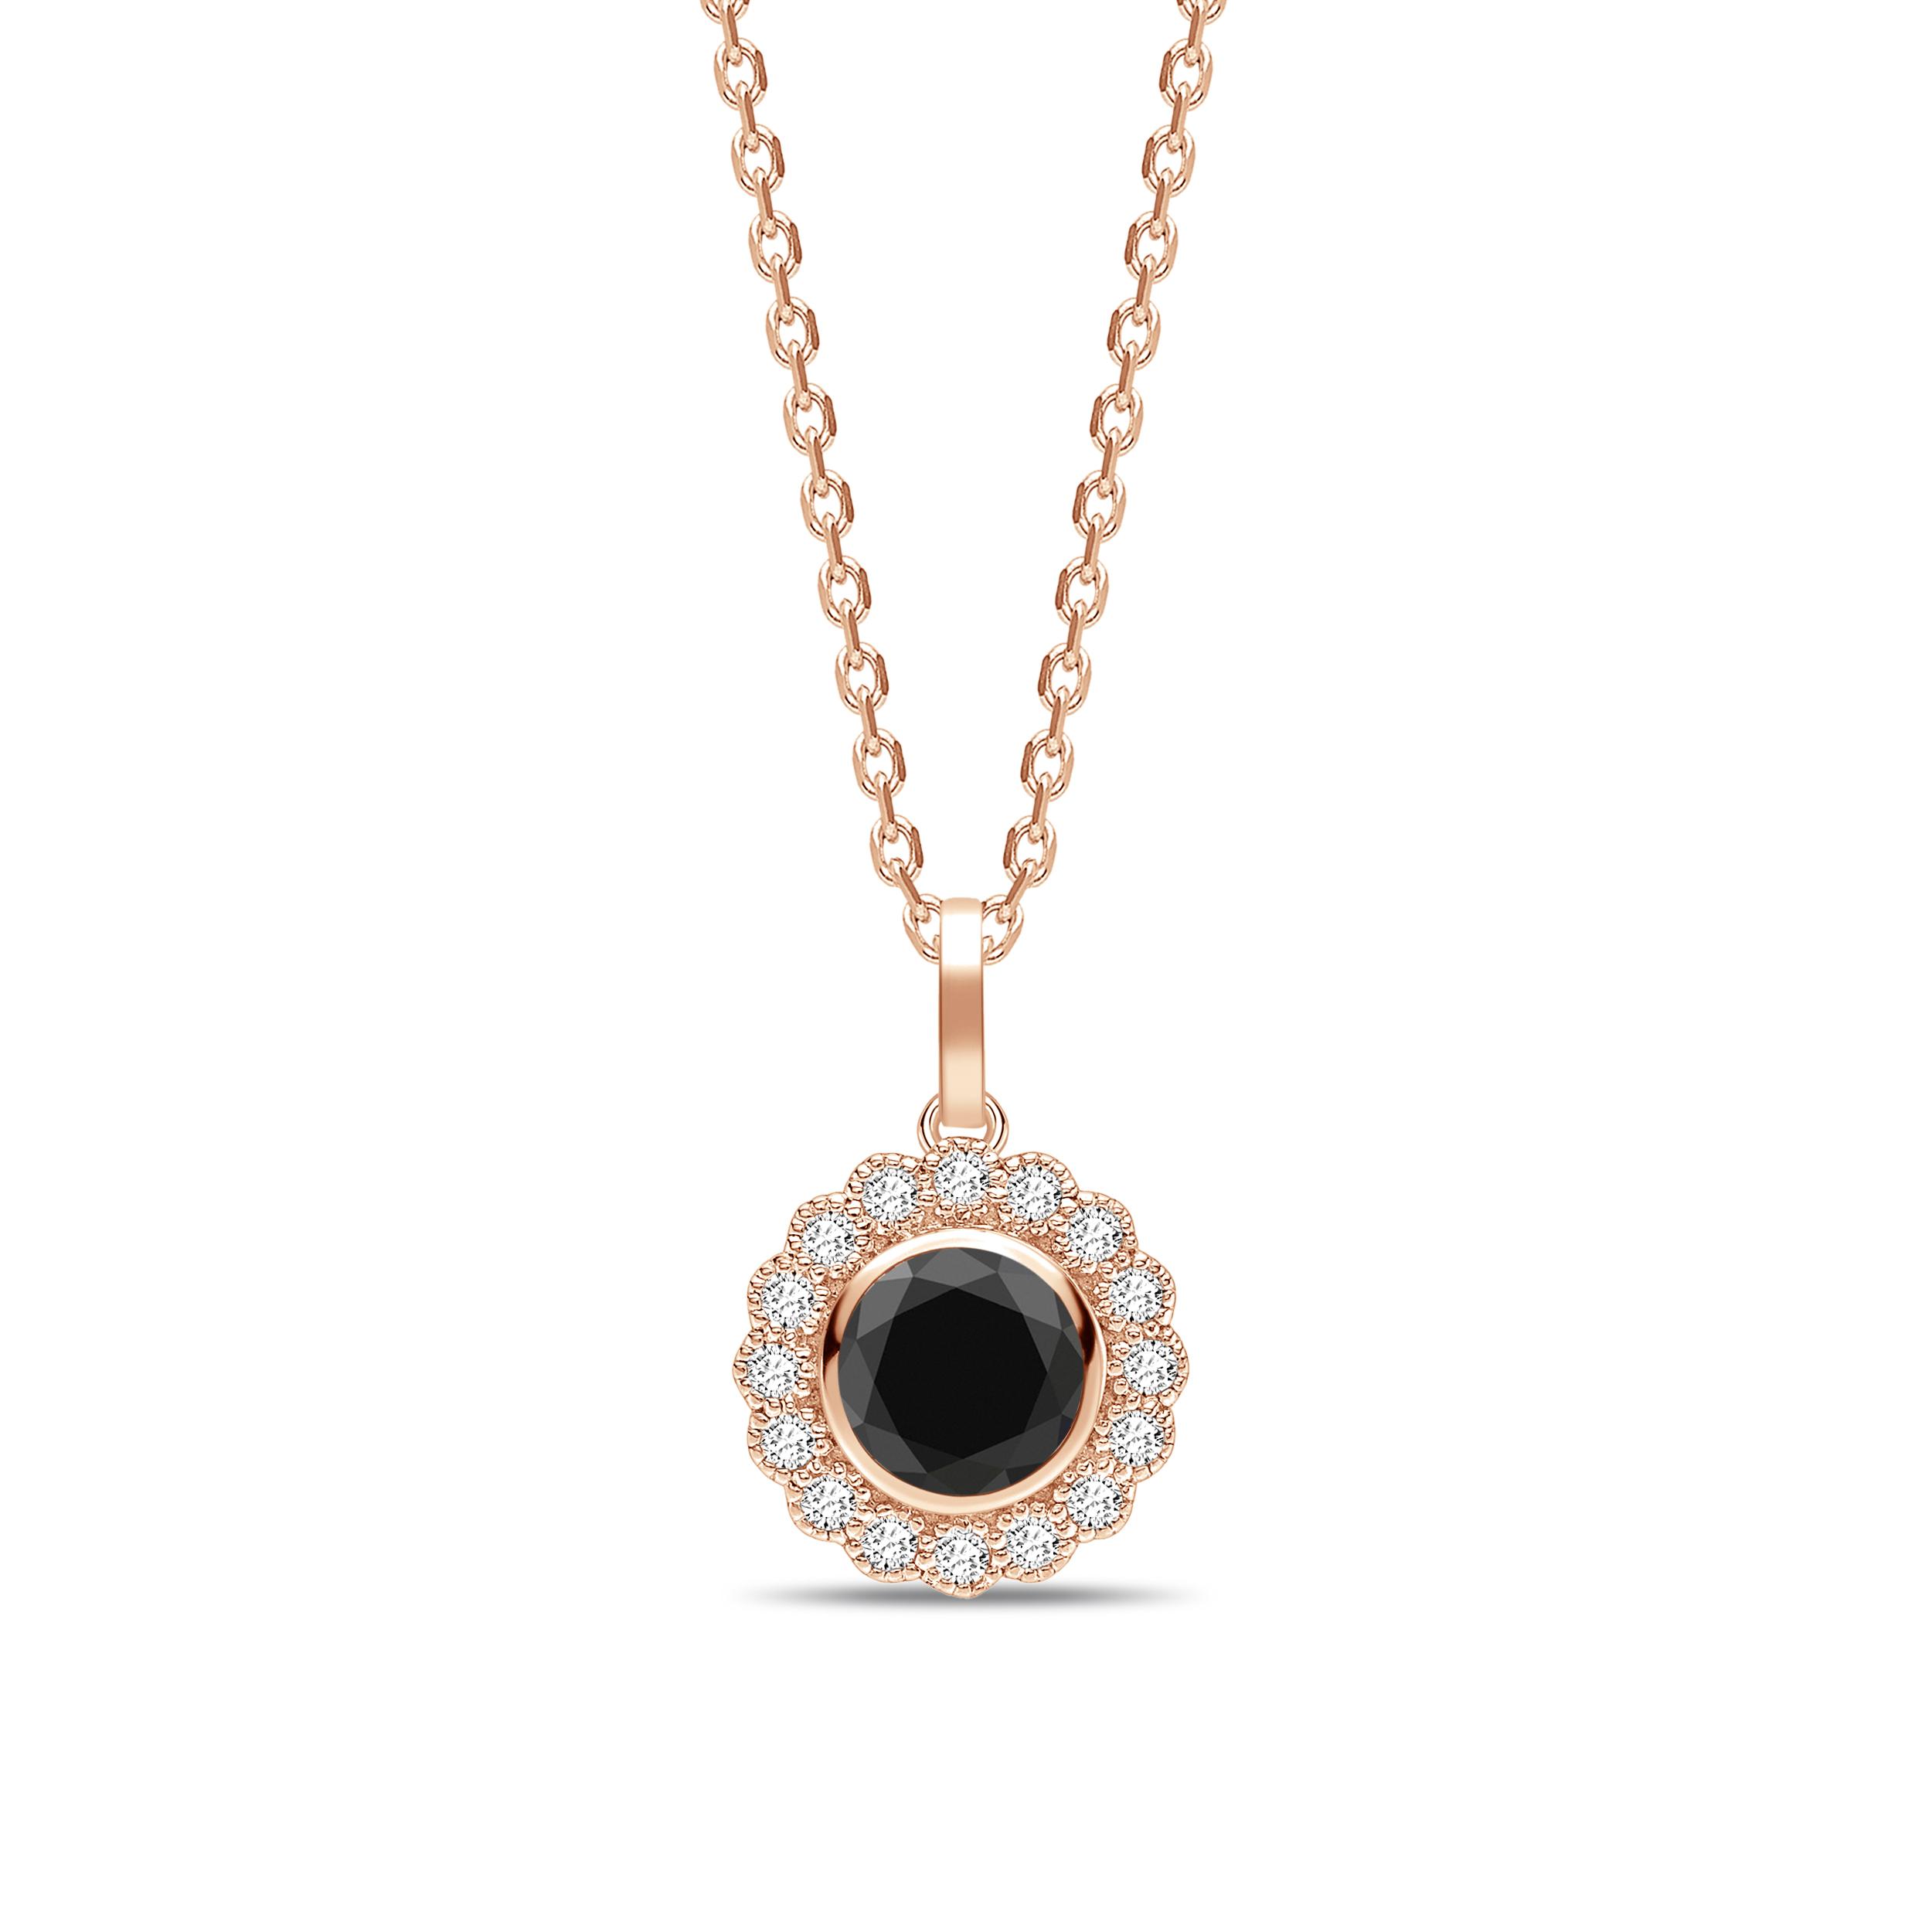 Vintage Style Round Shape Black Diamond Solitaire Pendants Necklace